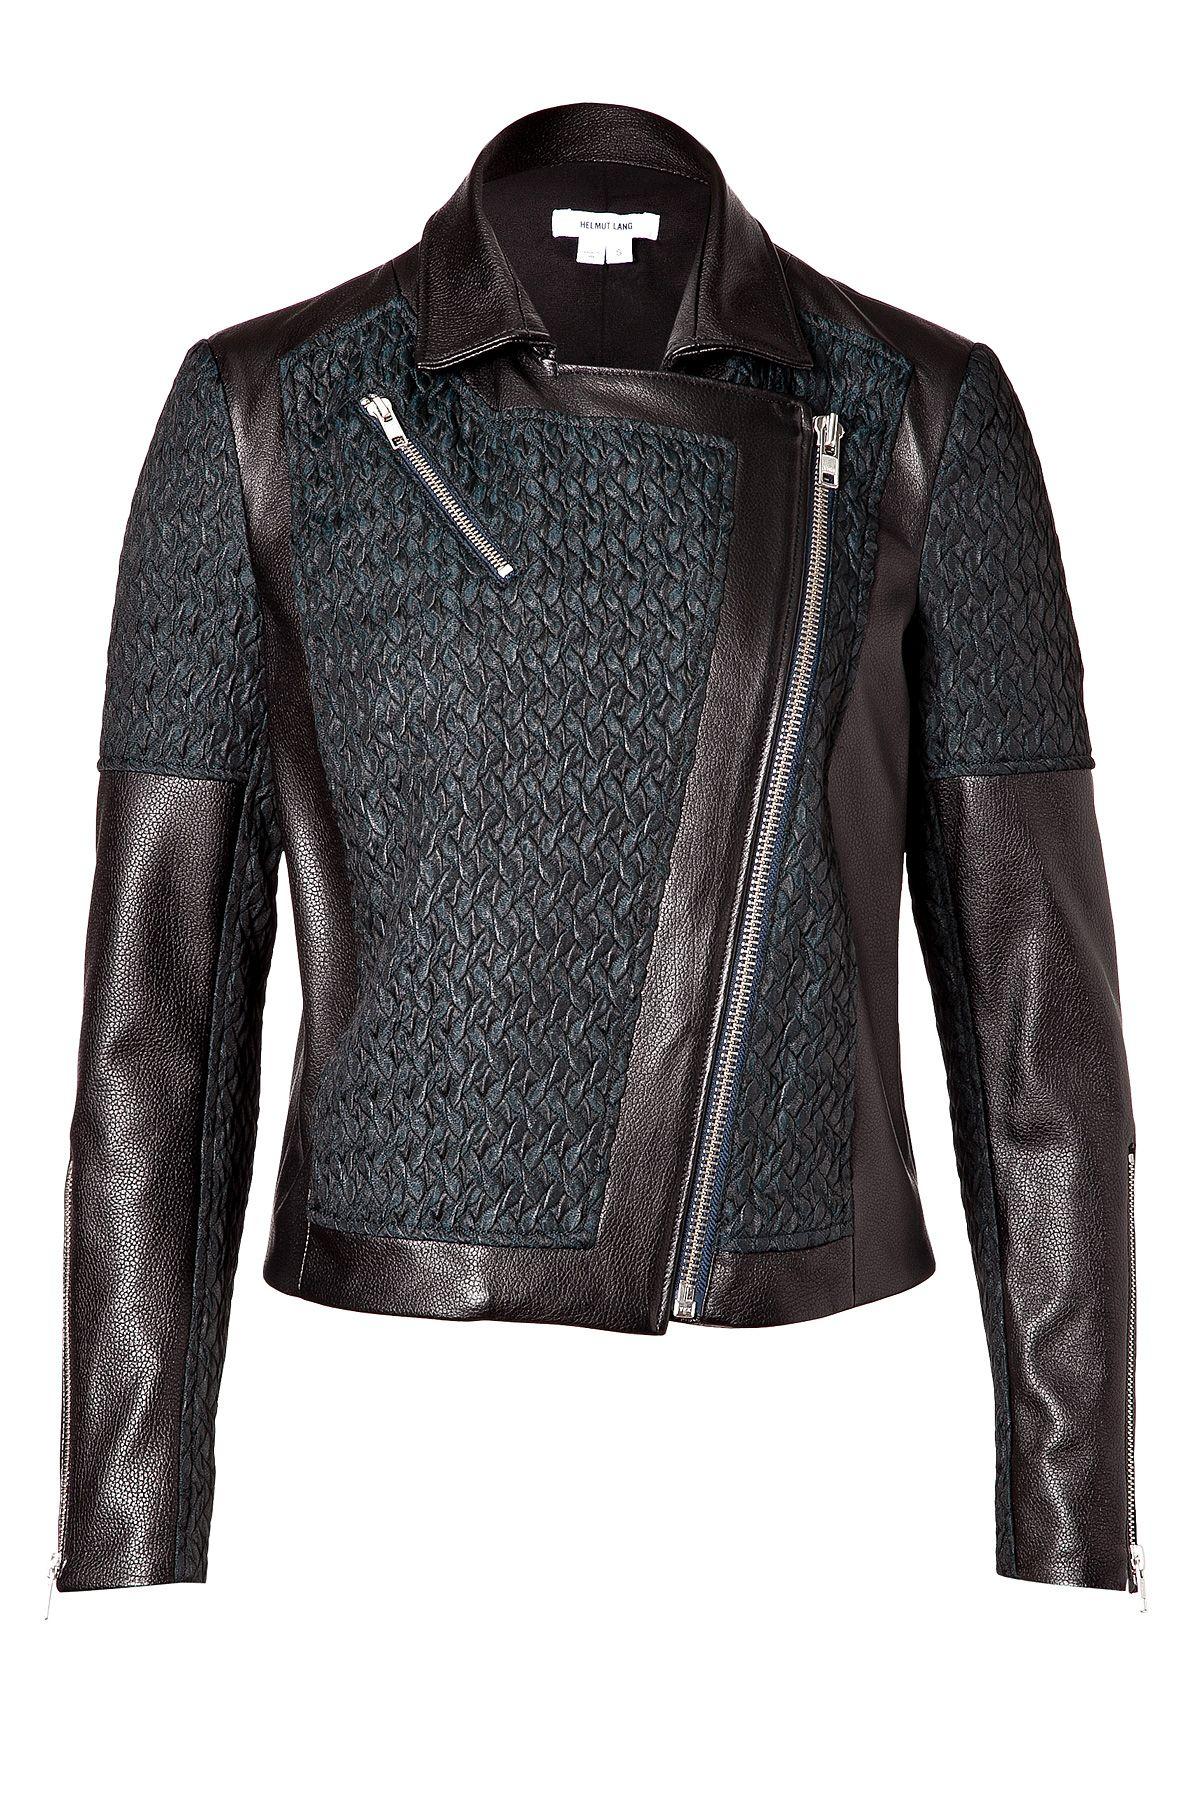 Leather Paneled Biker Jacket Jackets, Leather jackets